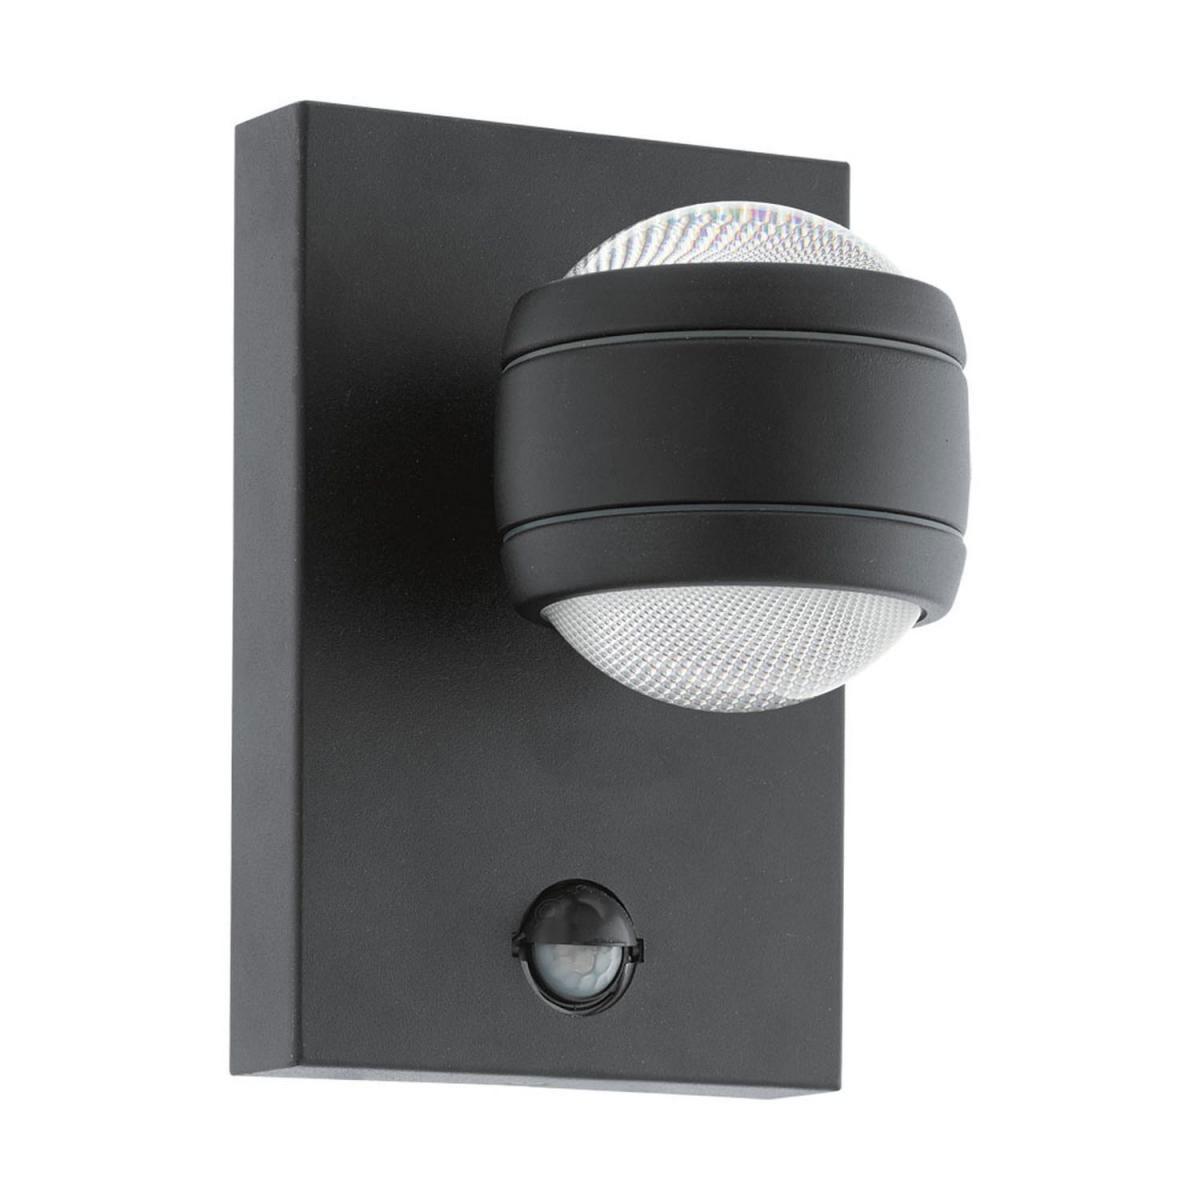 """Außenwandleuchten - LED Außenwandleuchte """"Sesimba 1"""", schwarz  - Onlineshop Hellweg"""